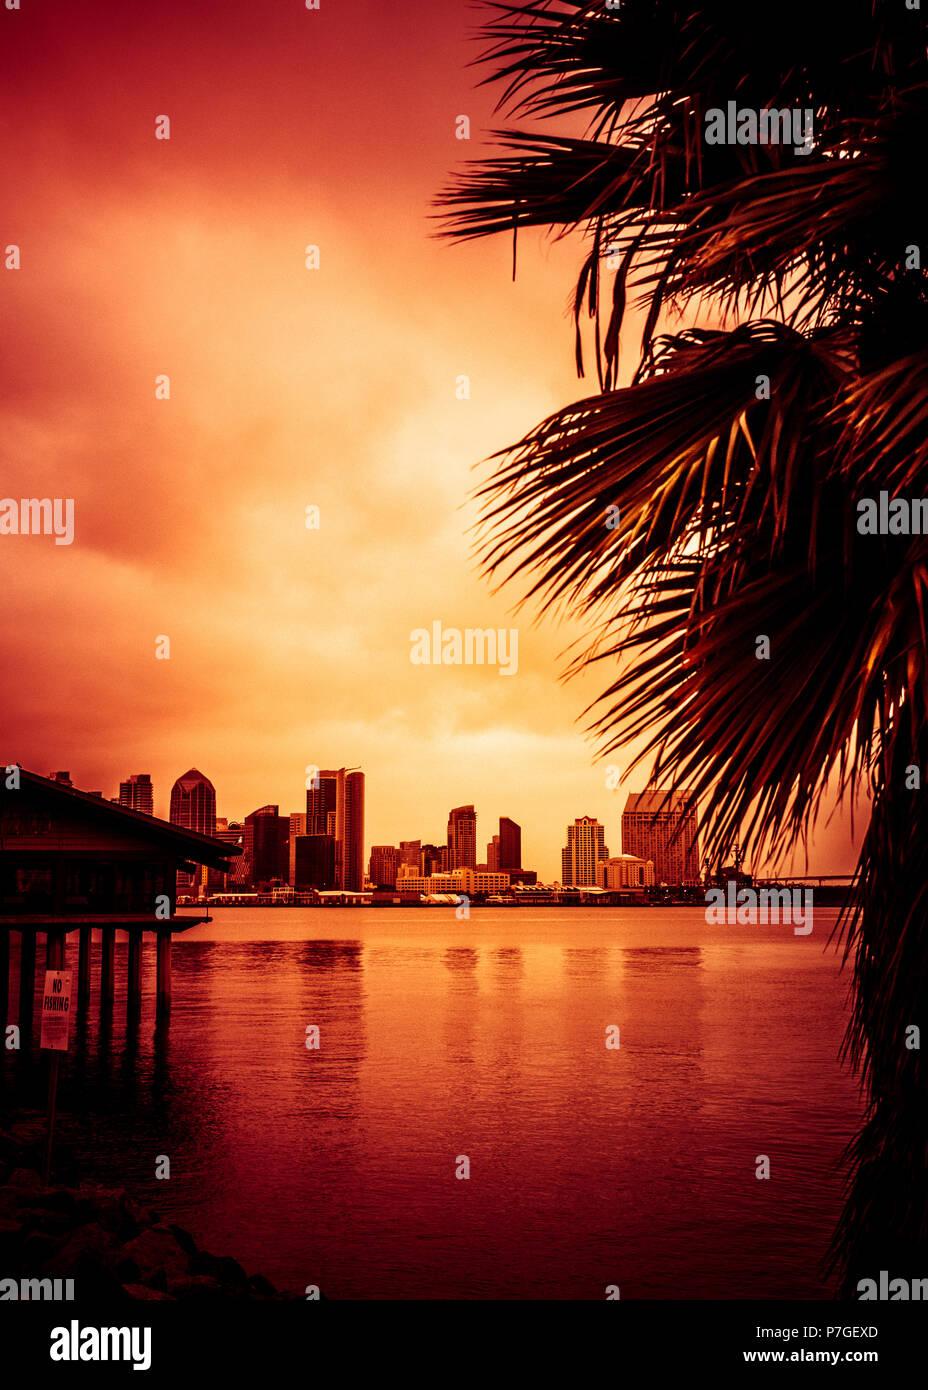 Hermosa puesta de sol sobre el horizonte de la bahía de San Diego y palmeras. Foto de stock